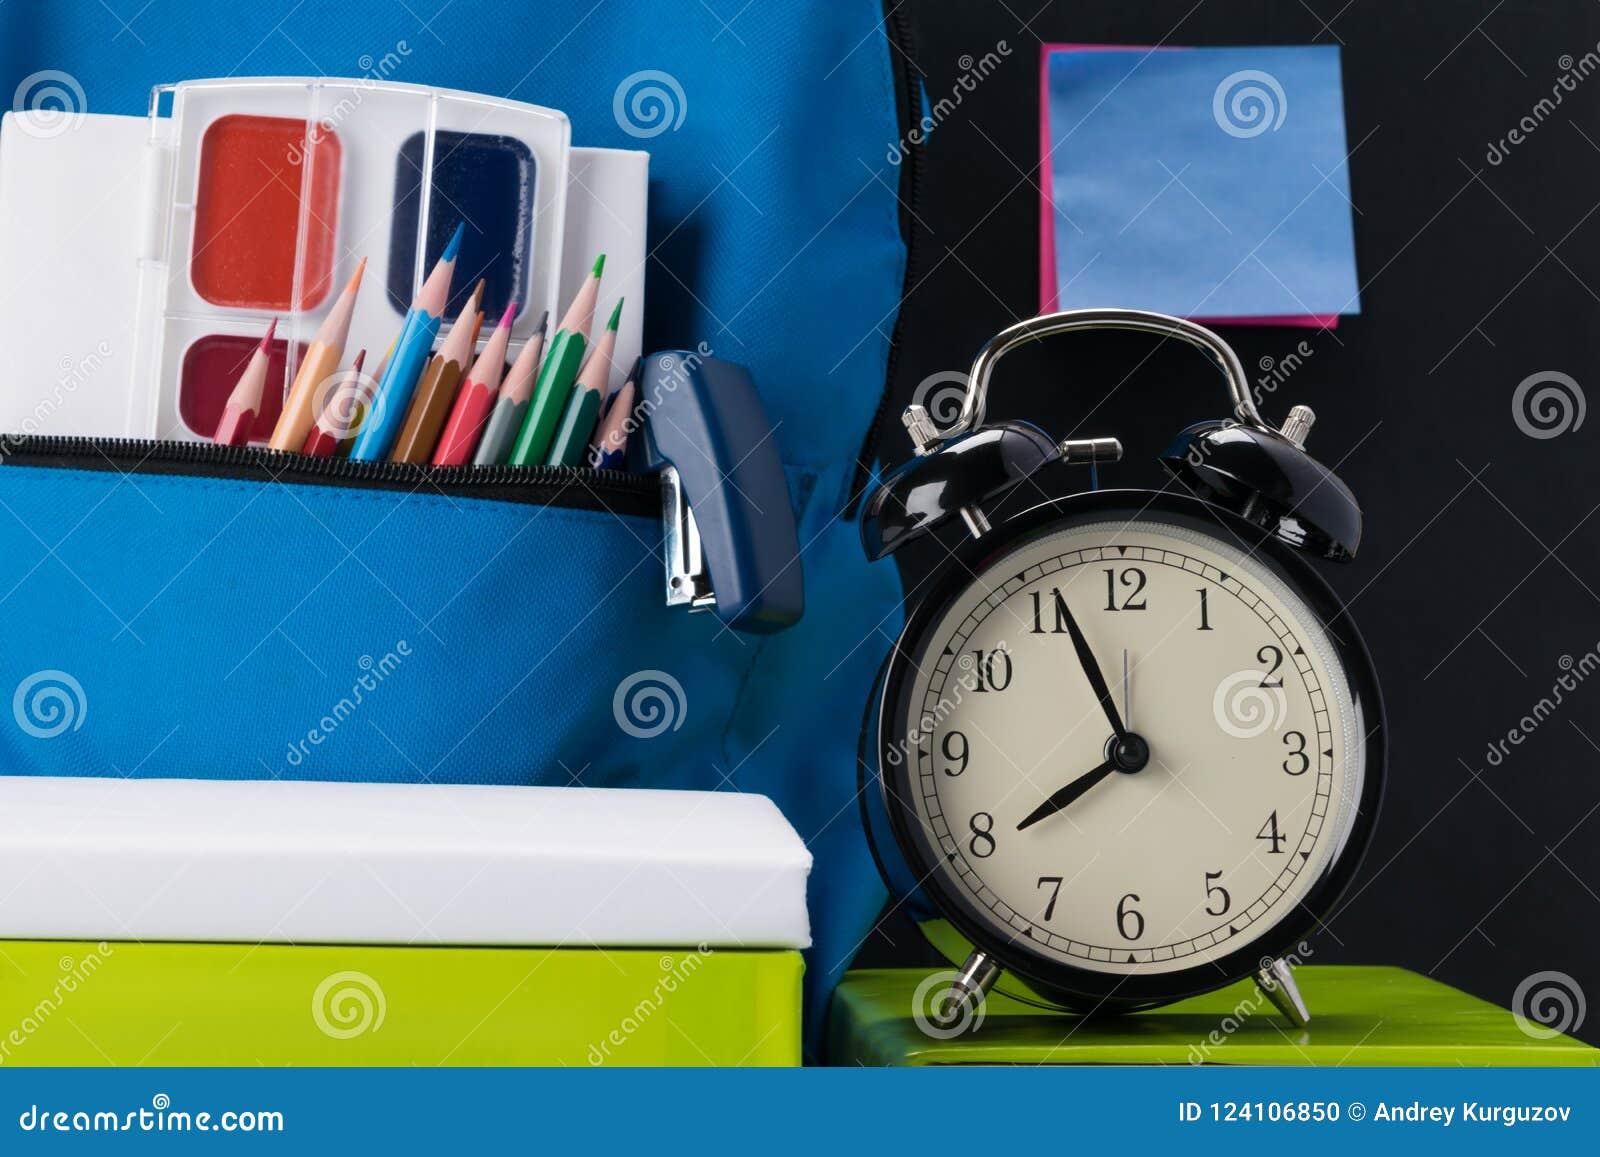 Το ρολόι δείχνει ότι ο χρόνος του να πάει στο σχολείο και τα σχολικά πράγματα στον πίνακα